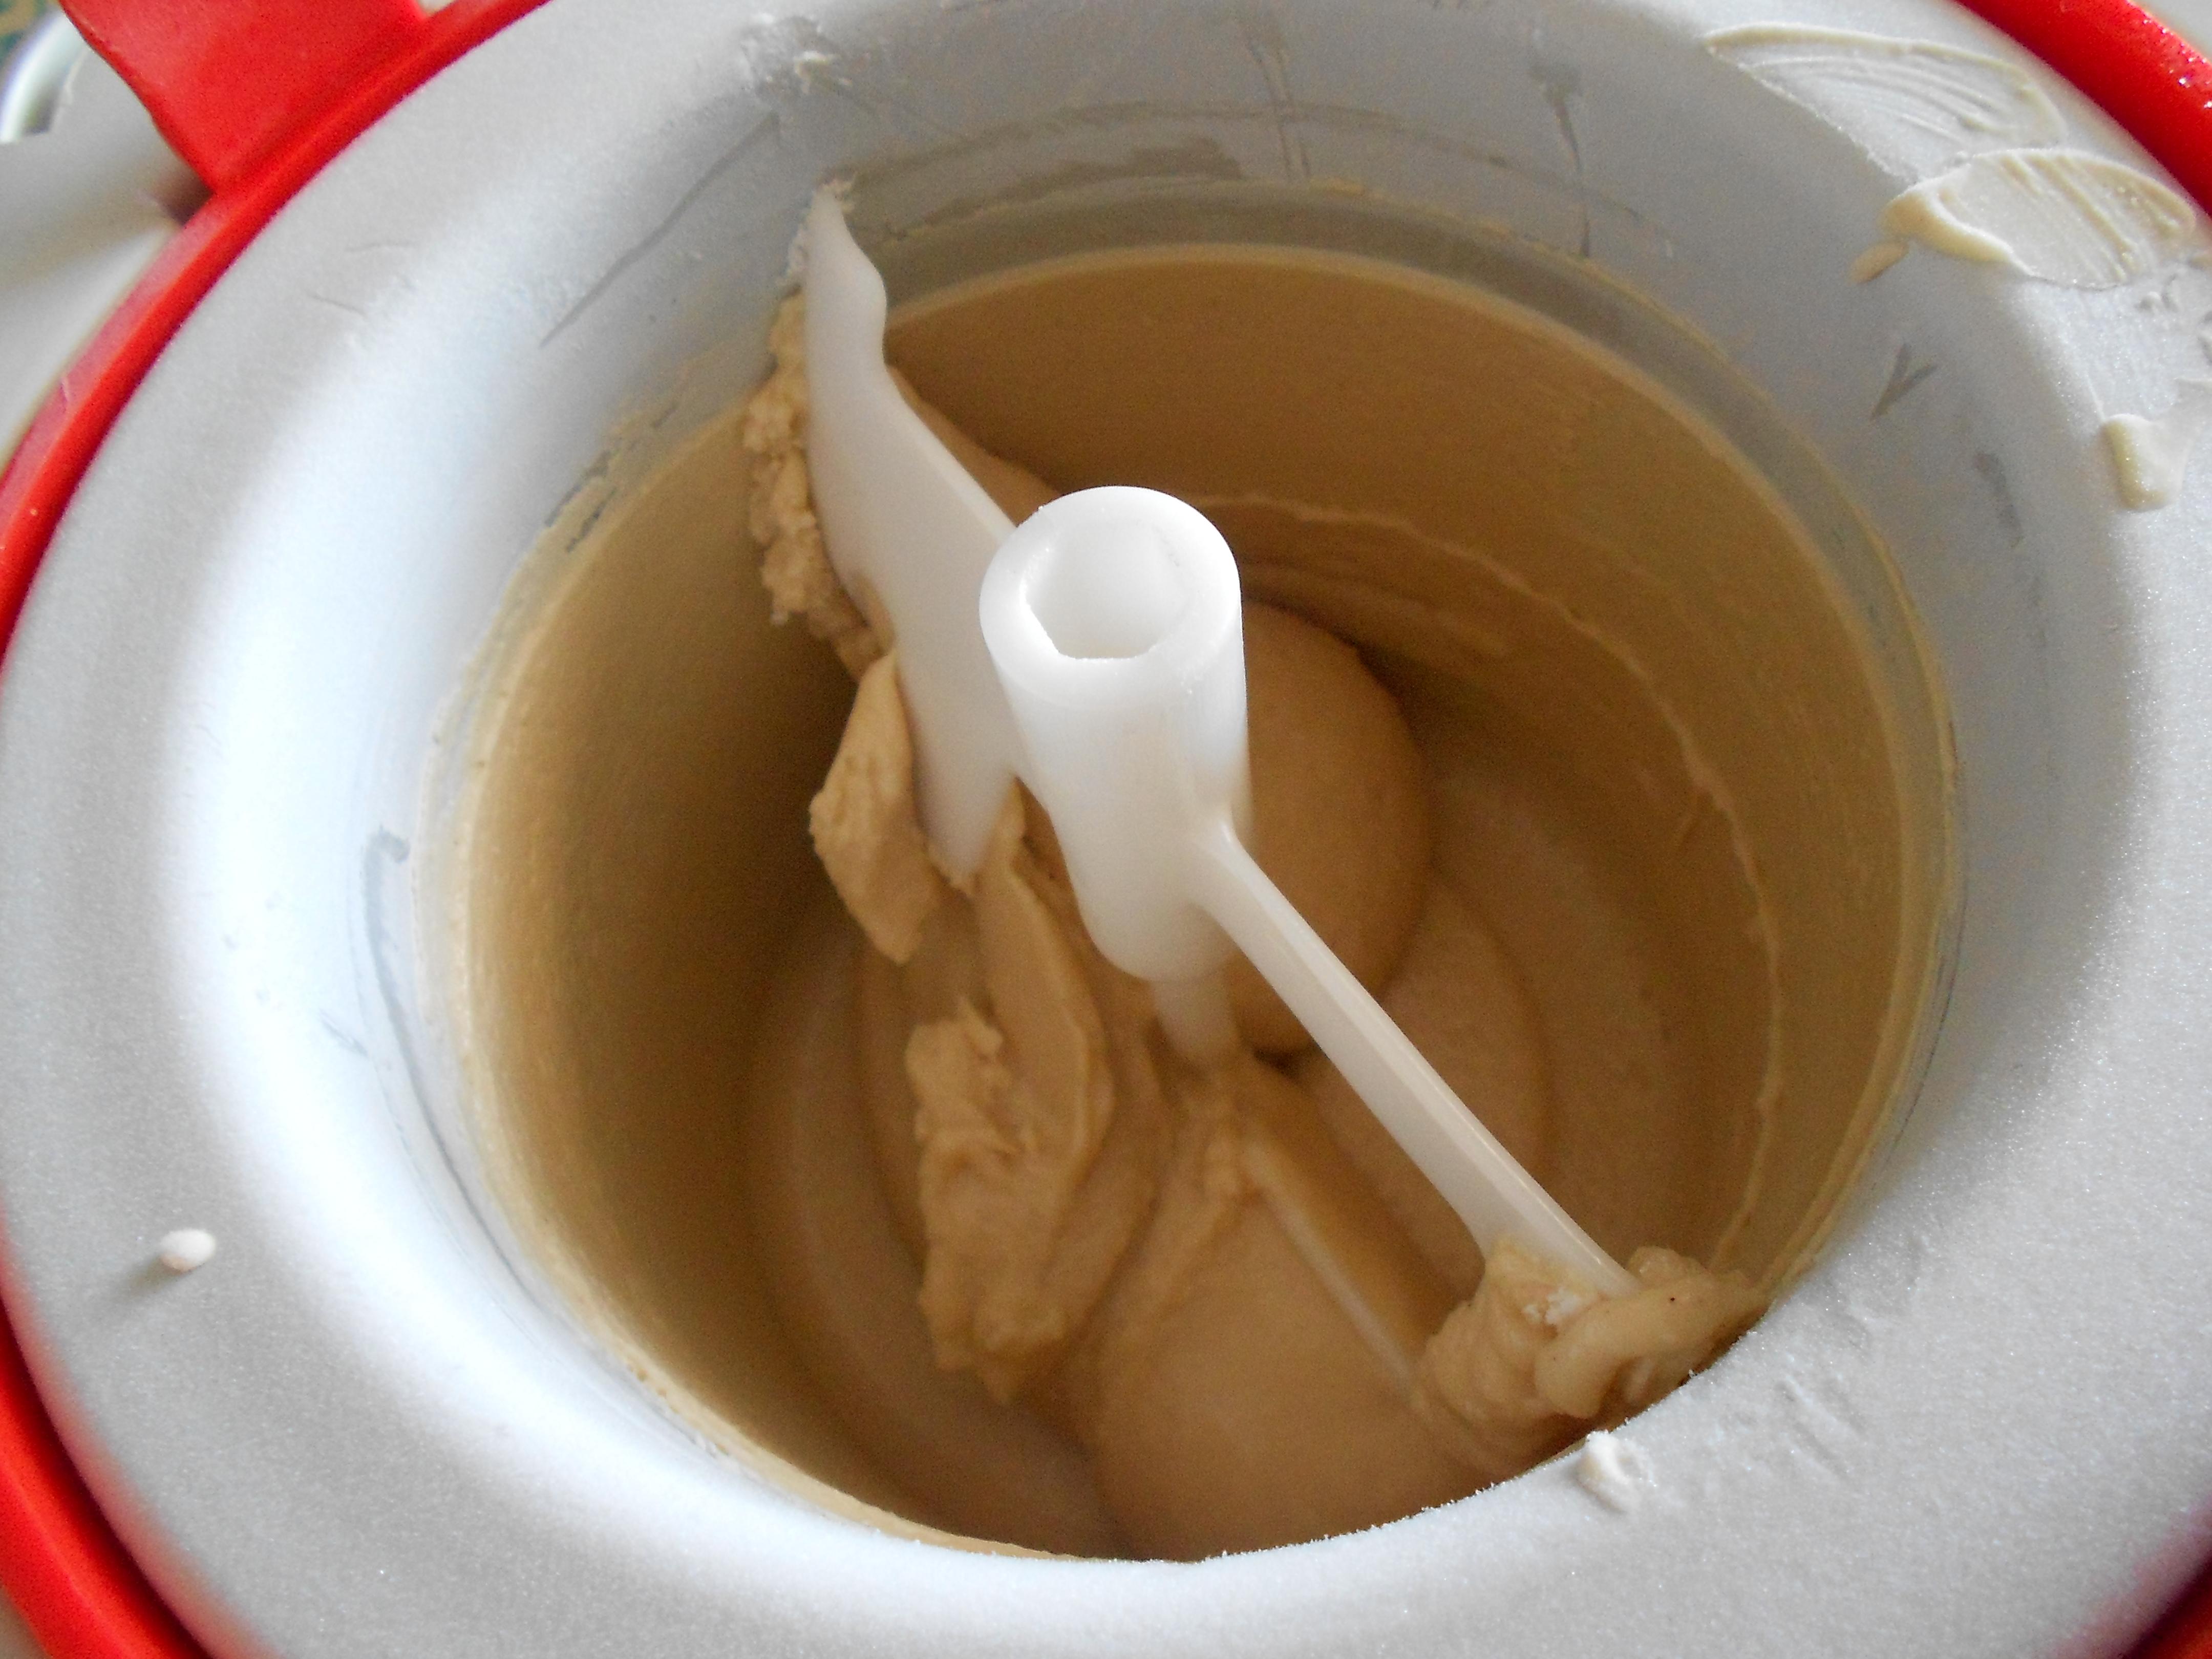 Io ho ottenuto il gelato alla nocciola in 20,25 minuti di mantecatura. La  mia è una vecchia gelatiera che fa ancora il suo dovere\u2026